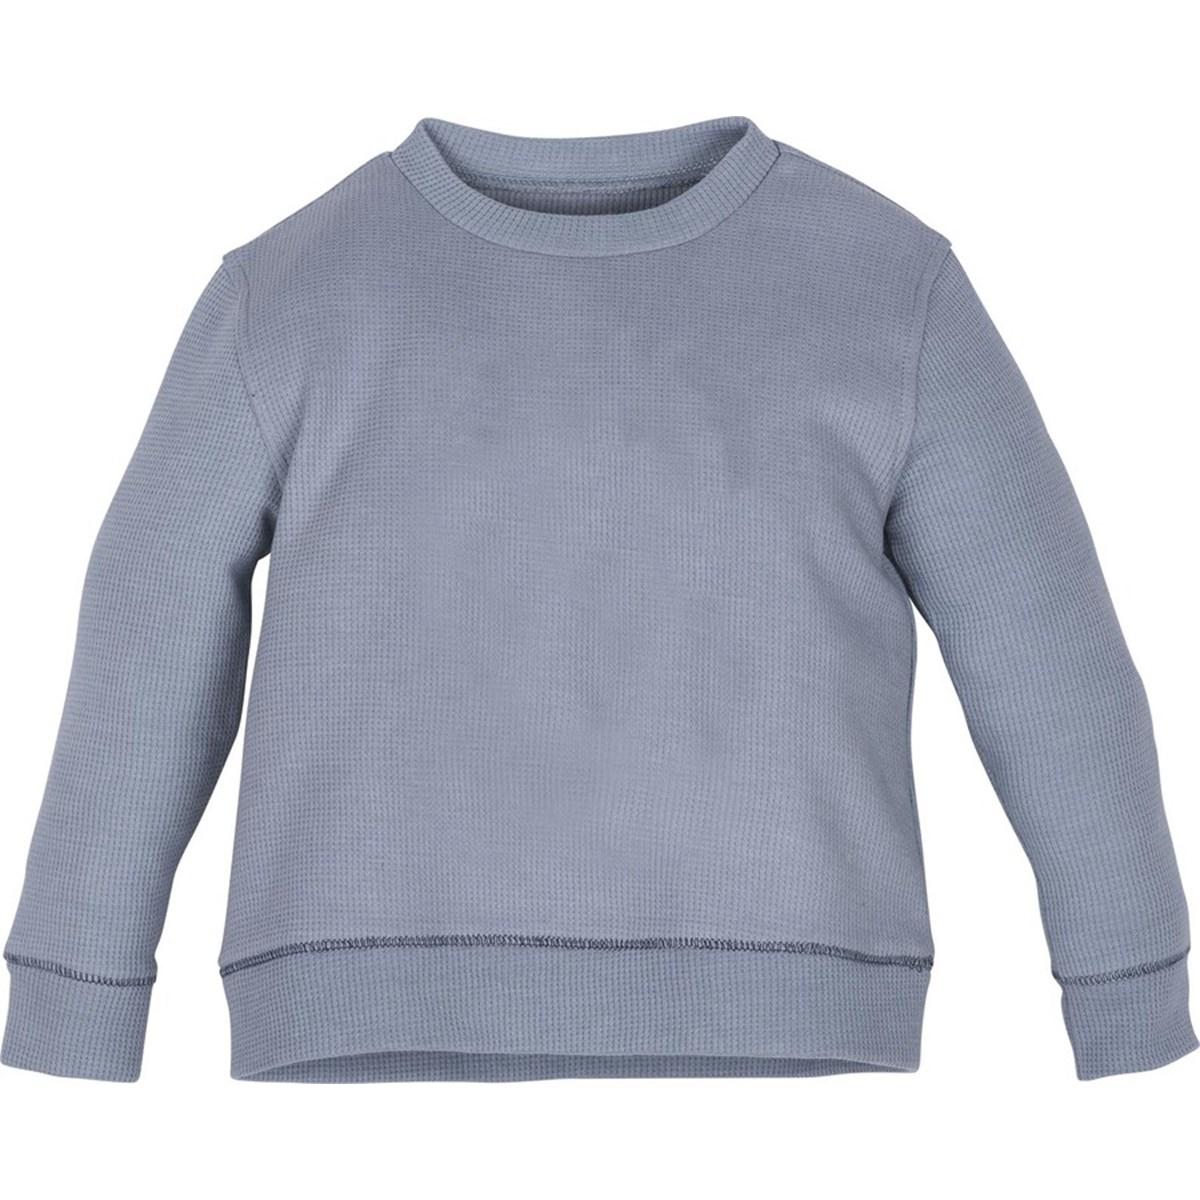 12666 Sweatshirt 1